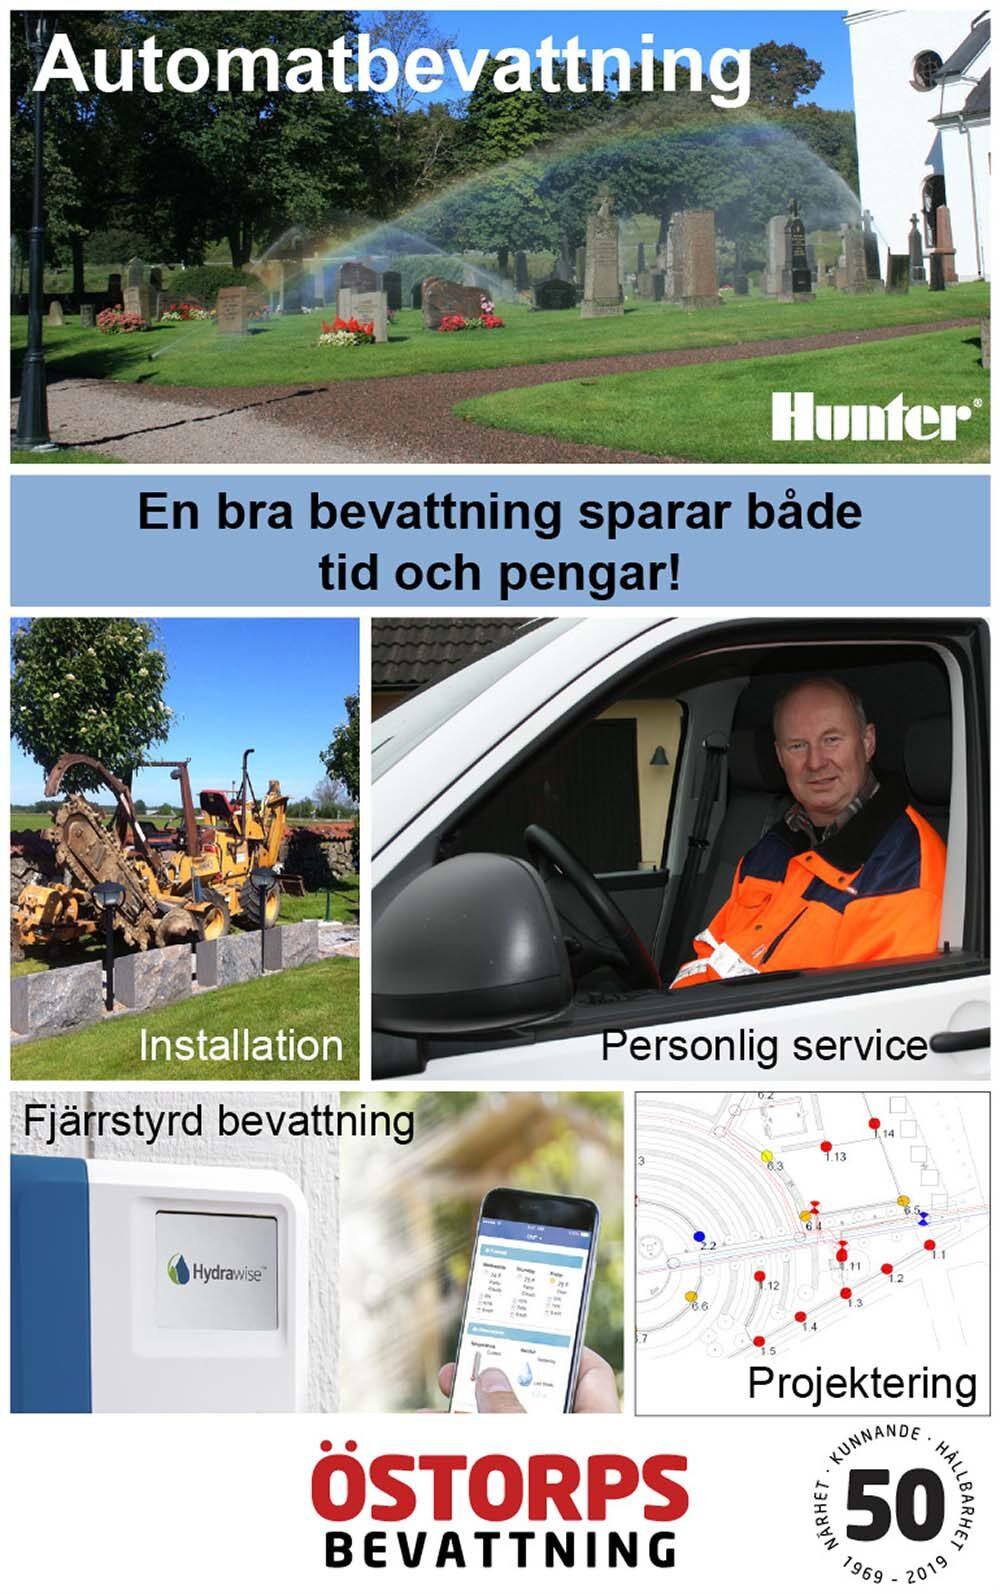 Östorps_Bevattning.jpg